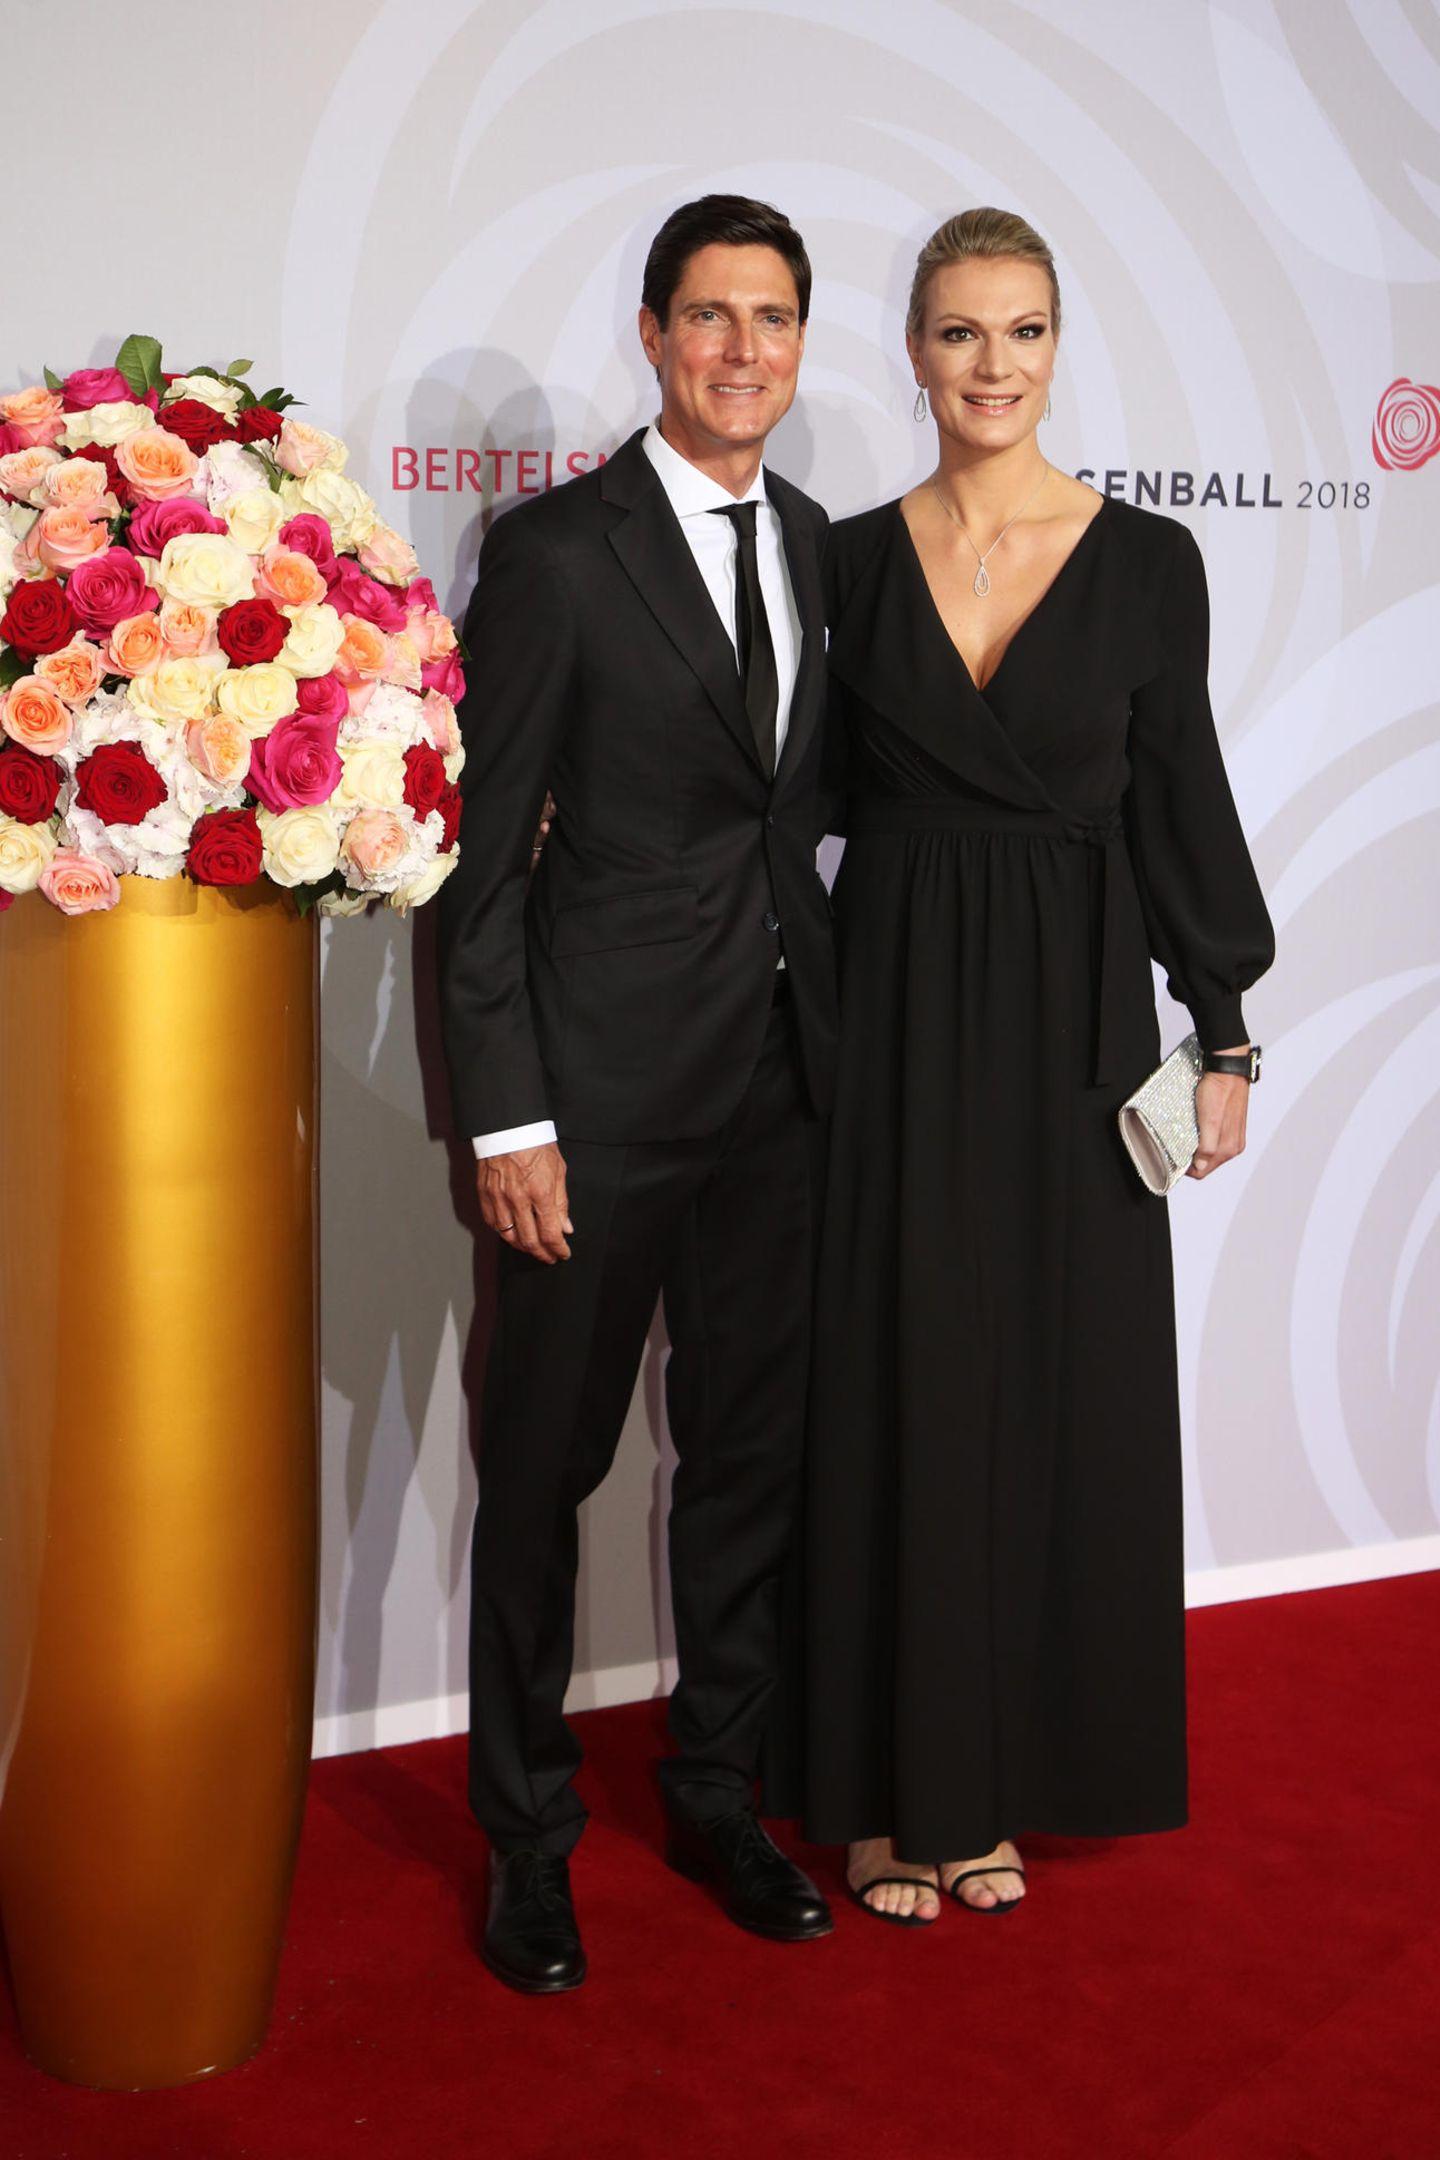 Marcus und Marie Höfl-Riesch setzen auf echte Klassiker.